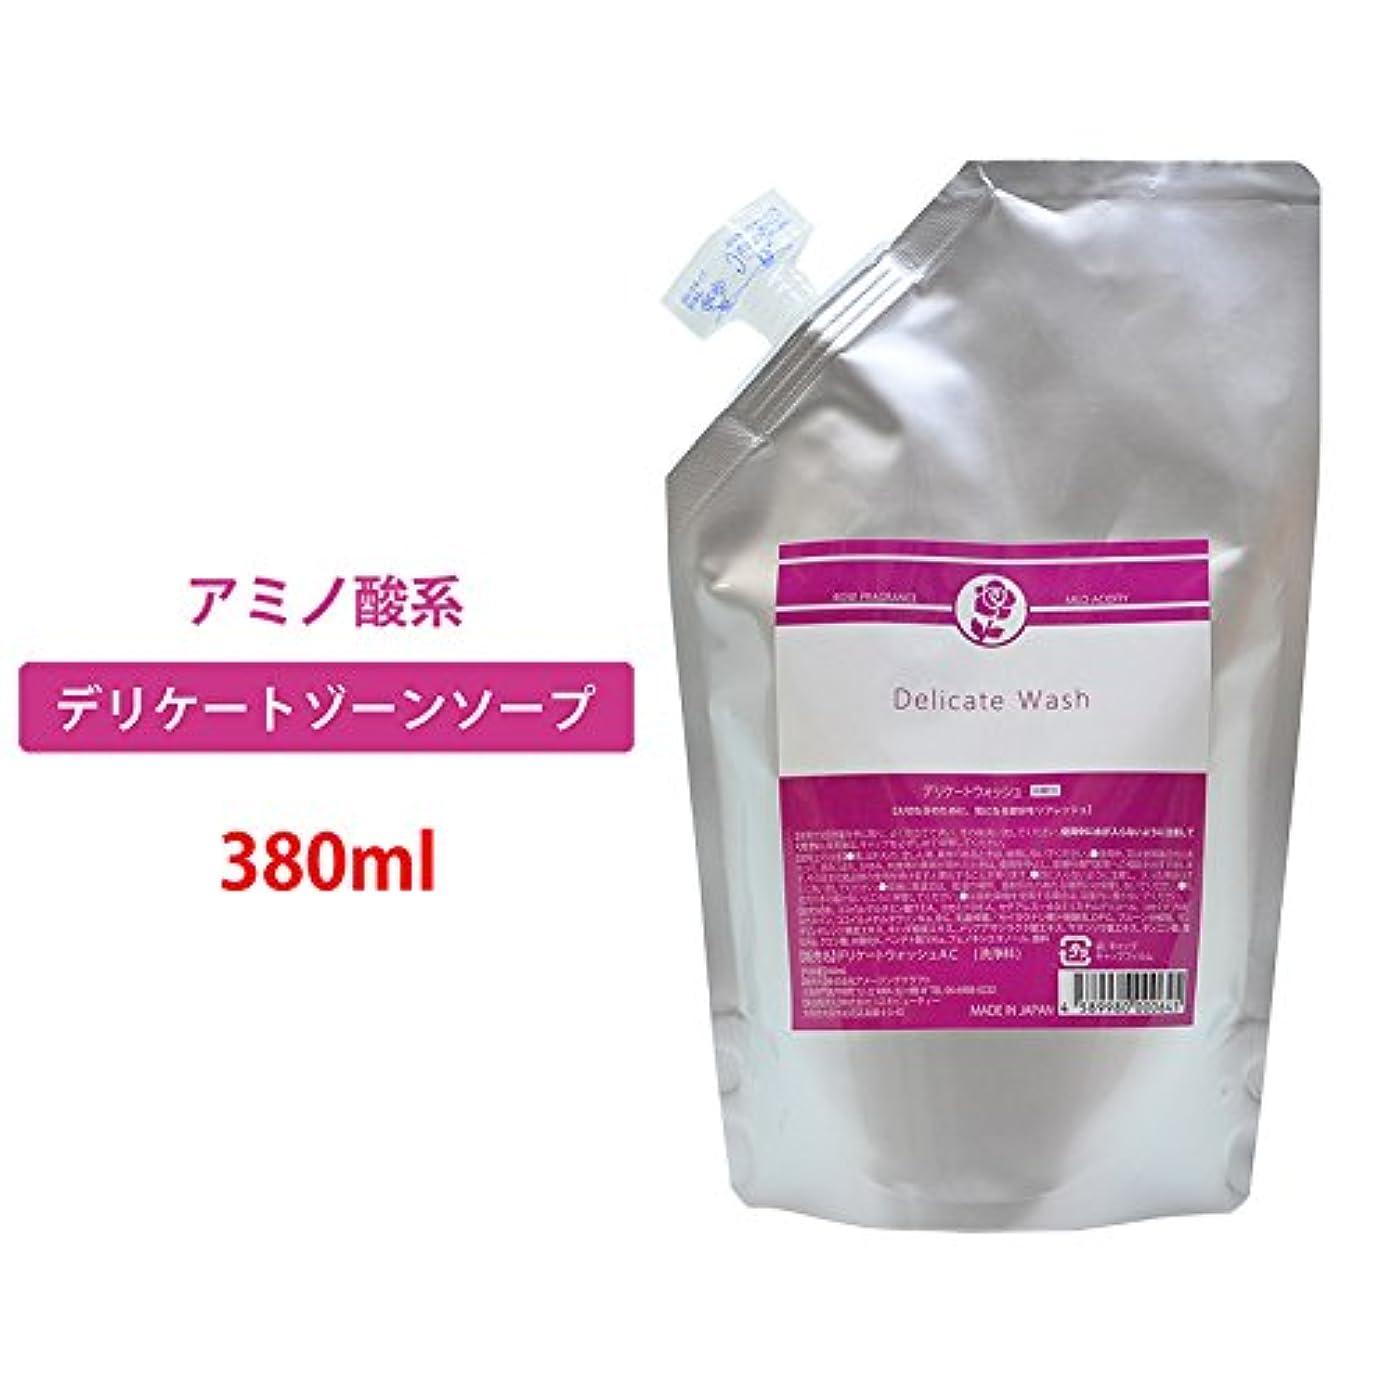 上院考慮飛び込むデリケートウォッシュ 日本製デリケートゾーンソープ たっぷり380ml フェミニン ウォッシュ